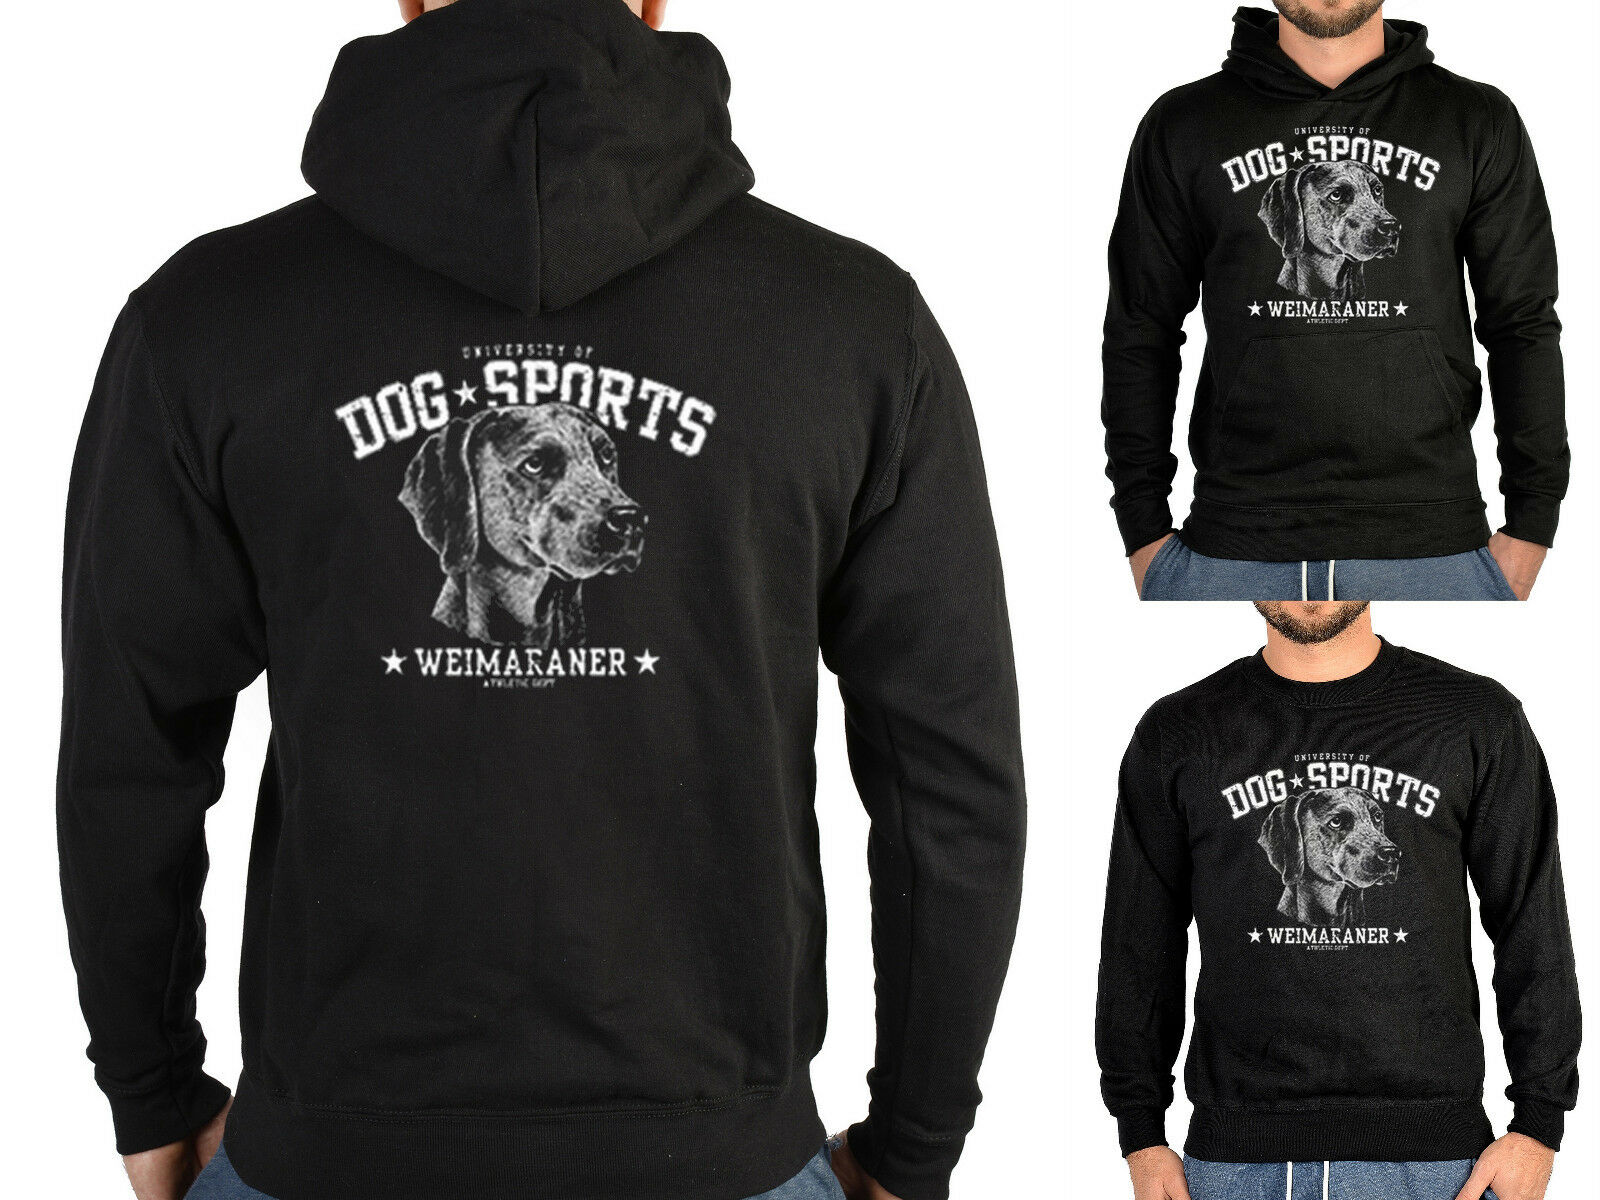 Weimaraner Sweater - Kapuzensweater - Zip Hoodie Hunderassen Hunde Jagdhund